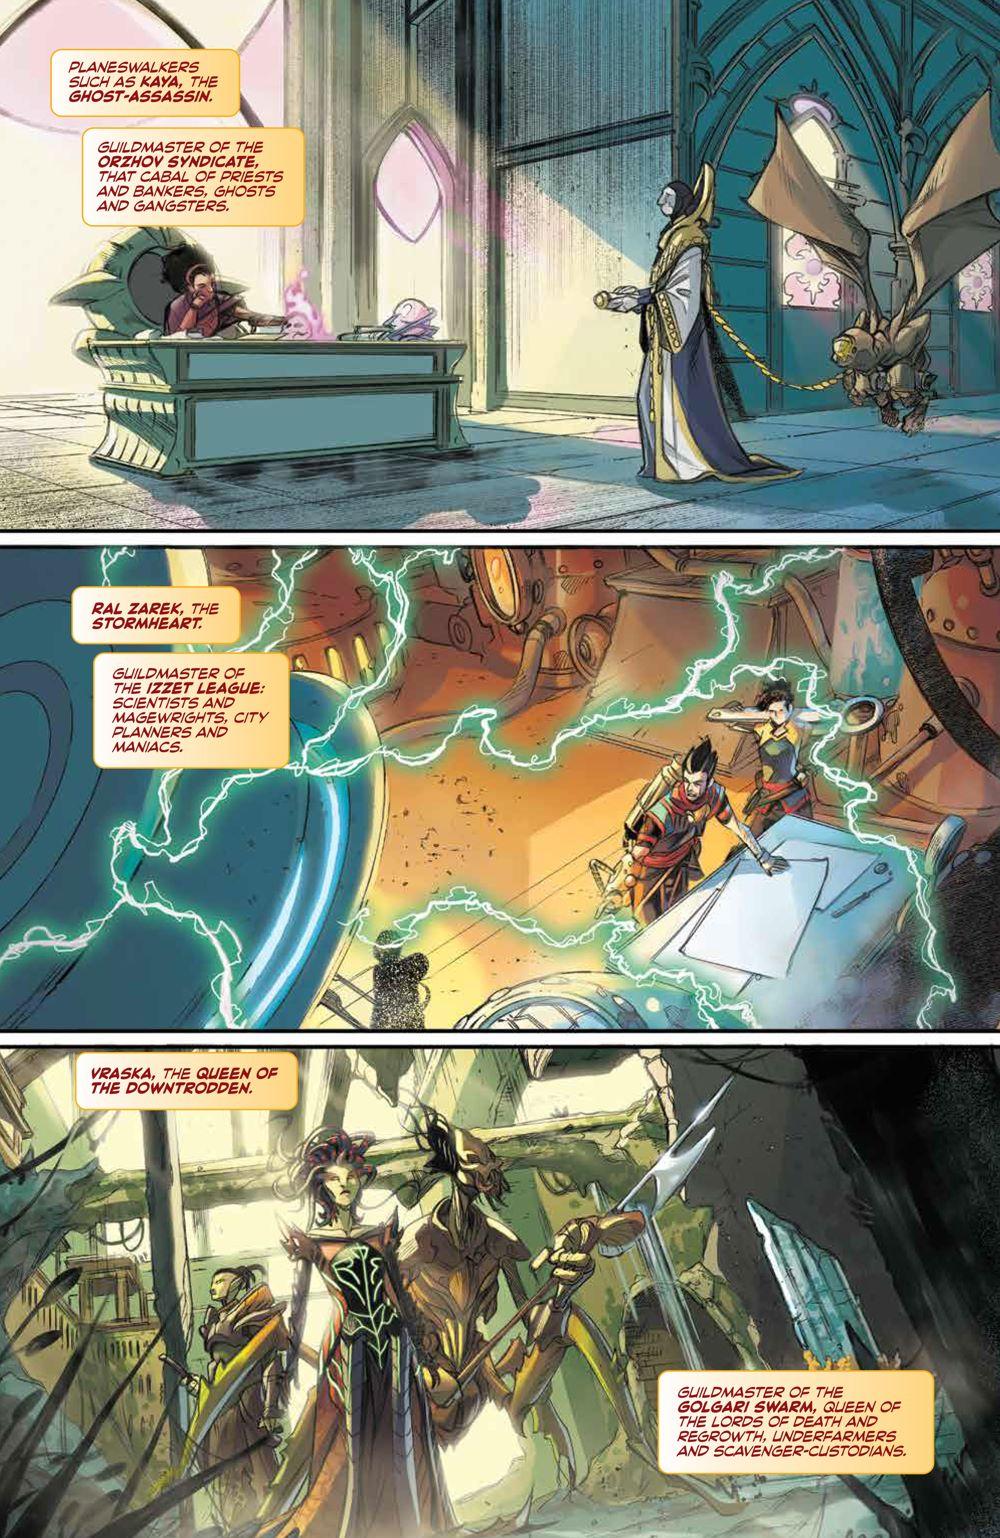 Magic_001_PRESS_7 ComicList Previews: MAGIC #1